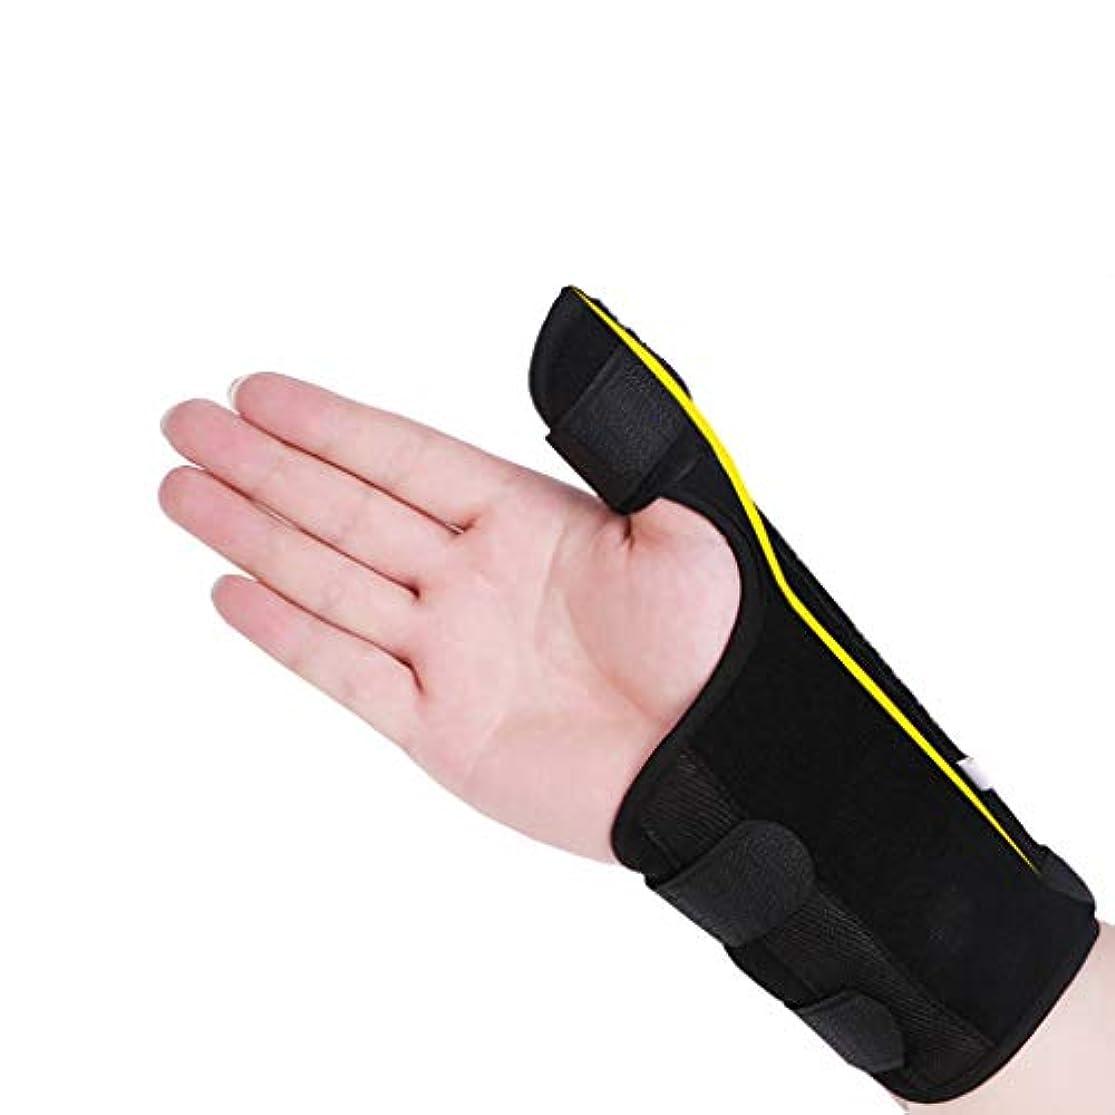 千敷居波親指サポートガード、軽量で通気性、関節の手根管のための作り付けの副木を使用して安定した無制限の柔らかいティッシュの傷害,Right,M